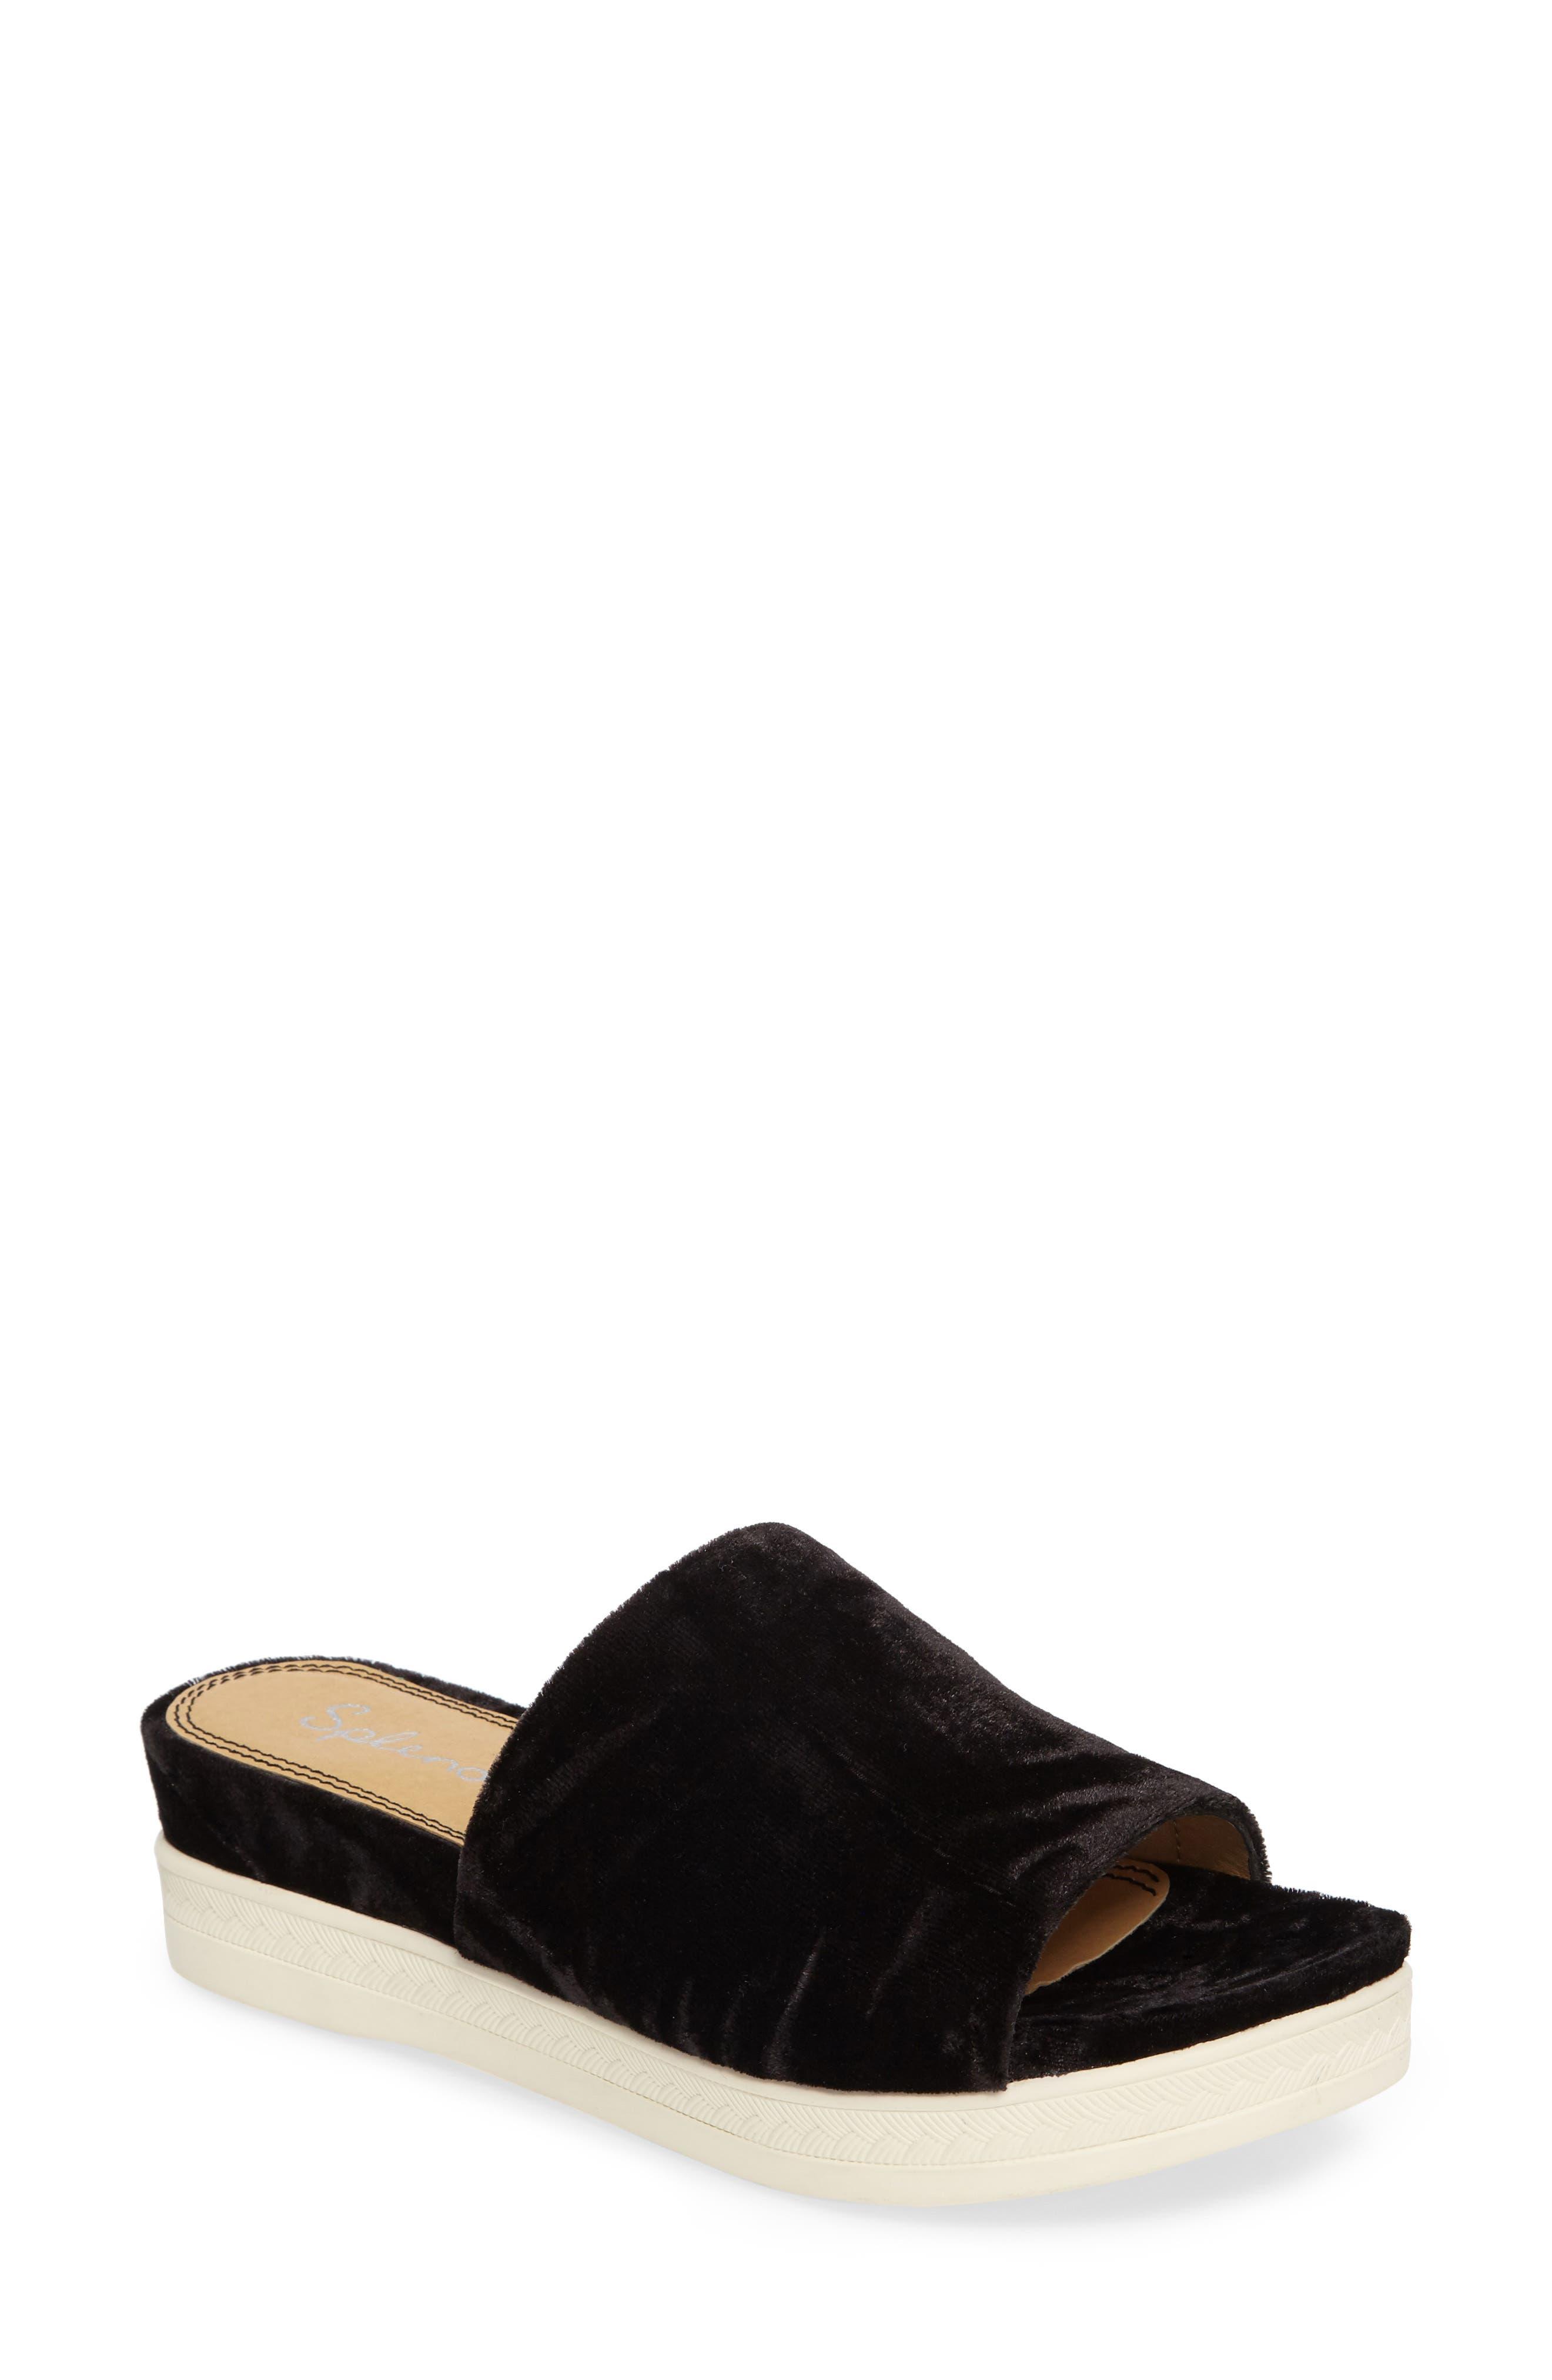 Alternate Image 1 Selected - Splendid Darla Slide Sandal (Women)